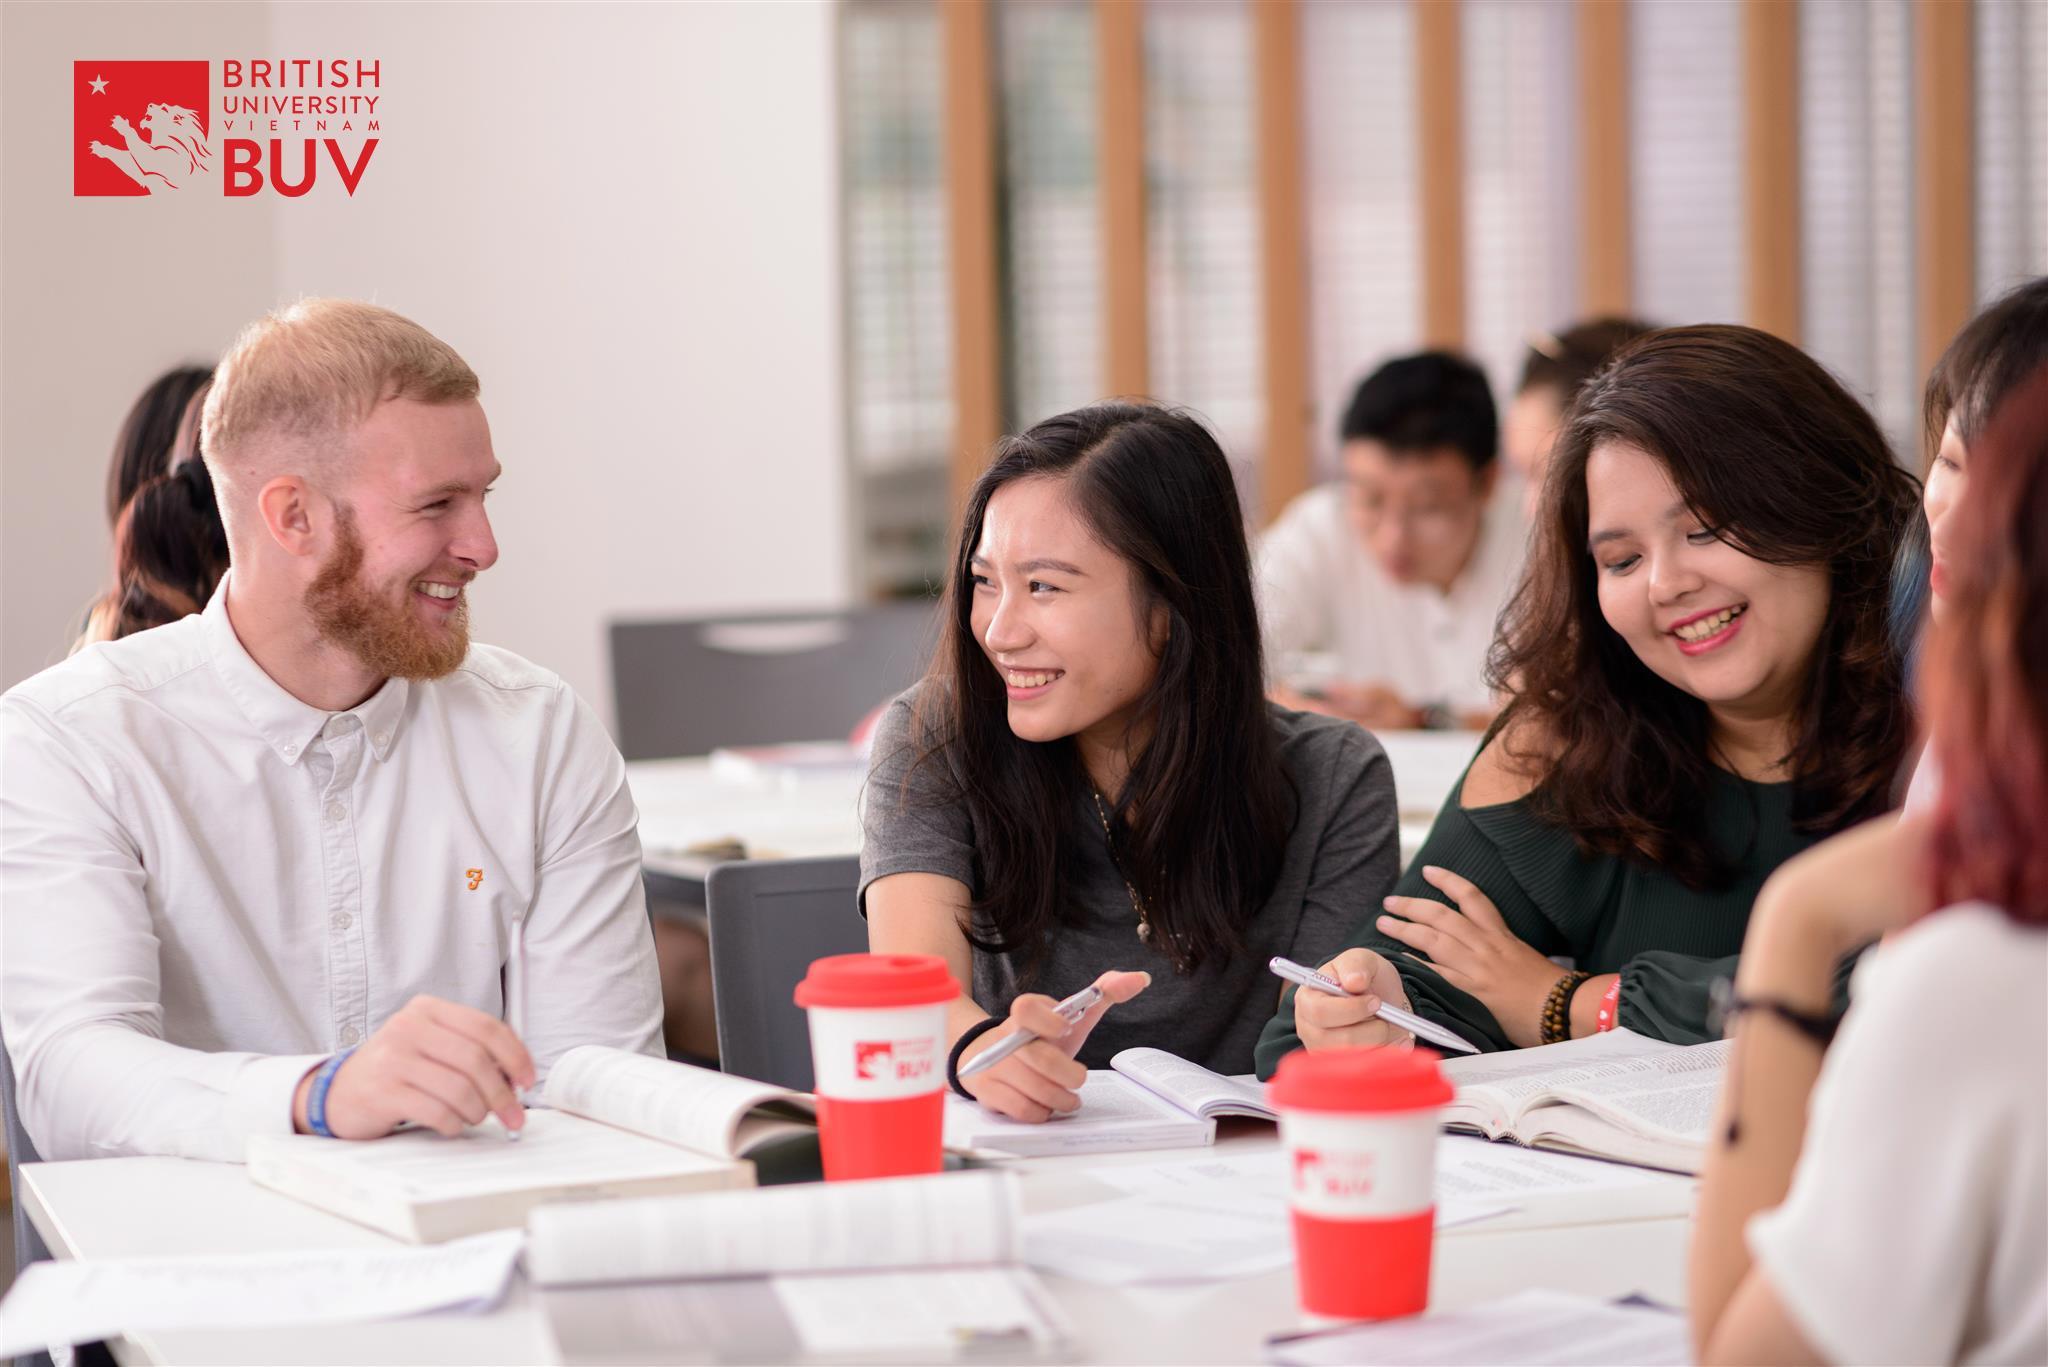 BUV thành lập quỹ học bổng Phát triển giáo dục địa phương lên đến hàng chục tỷ đồng - Ảnh 1.